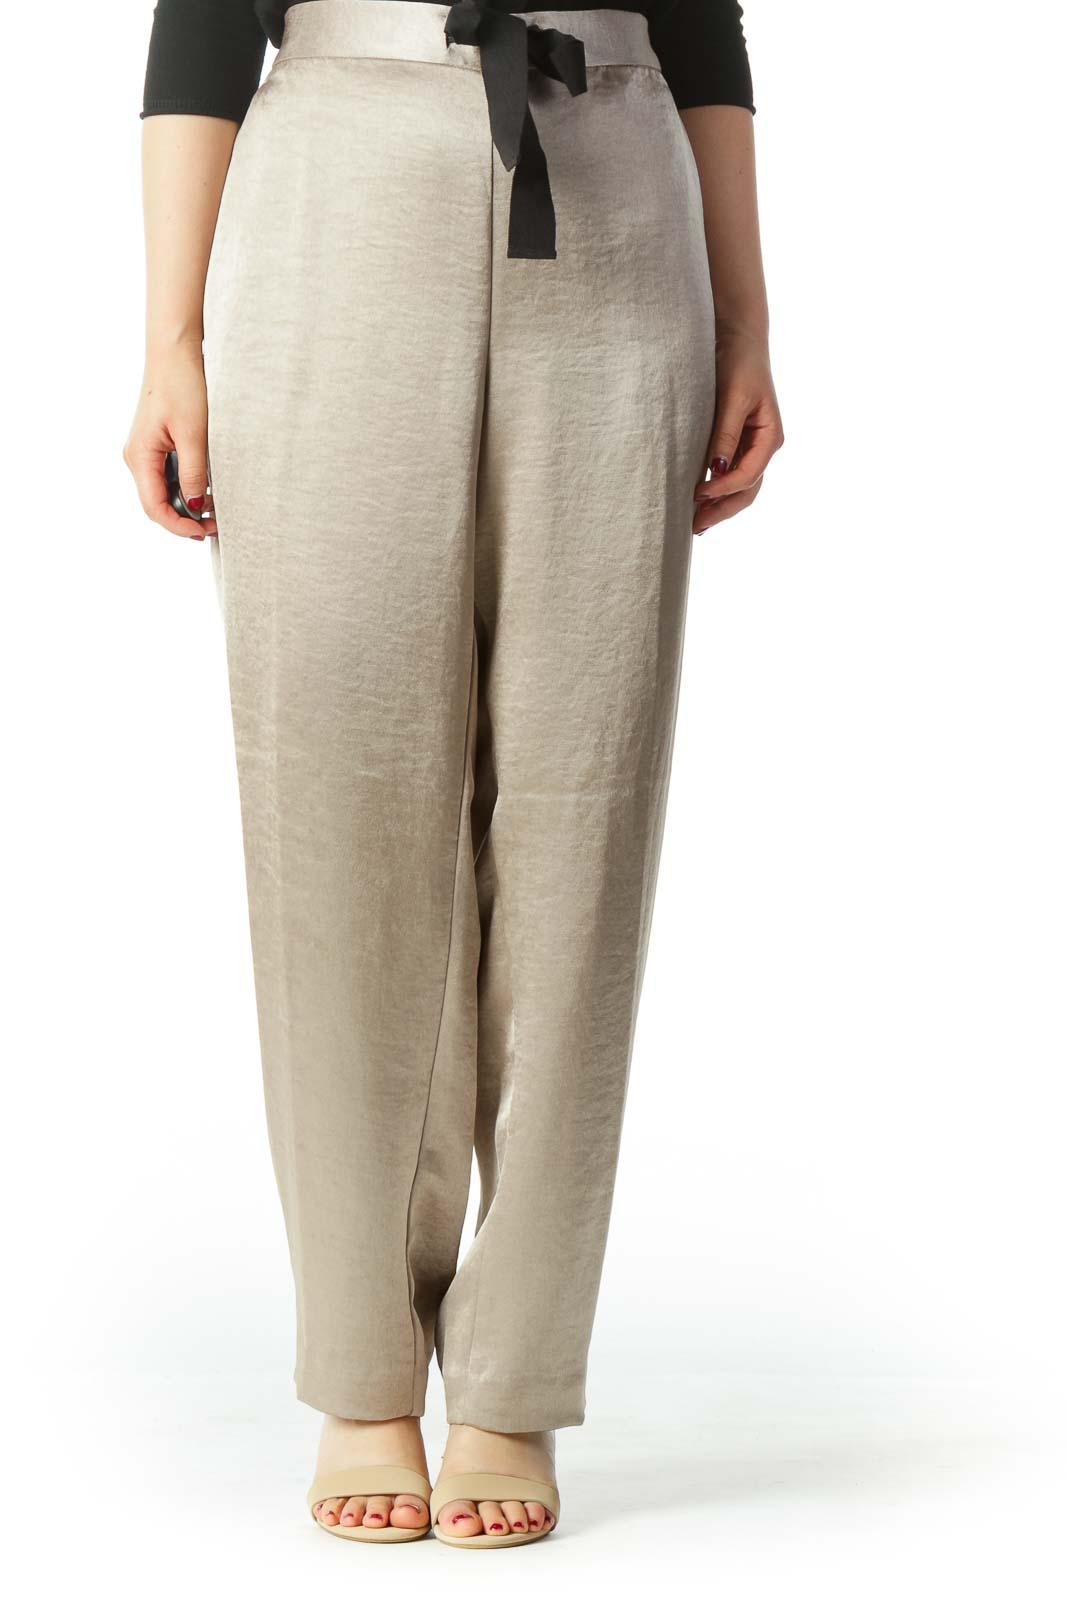 Metallic Beige Wide Leg Dress Pants